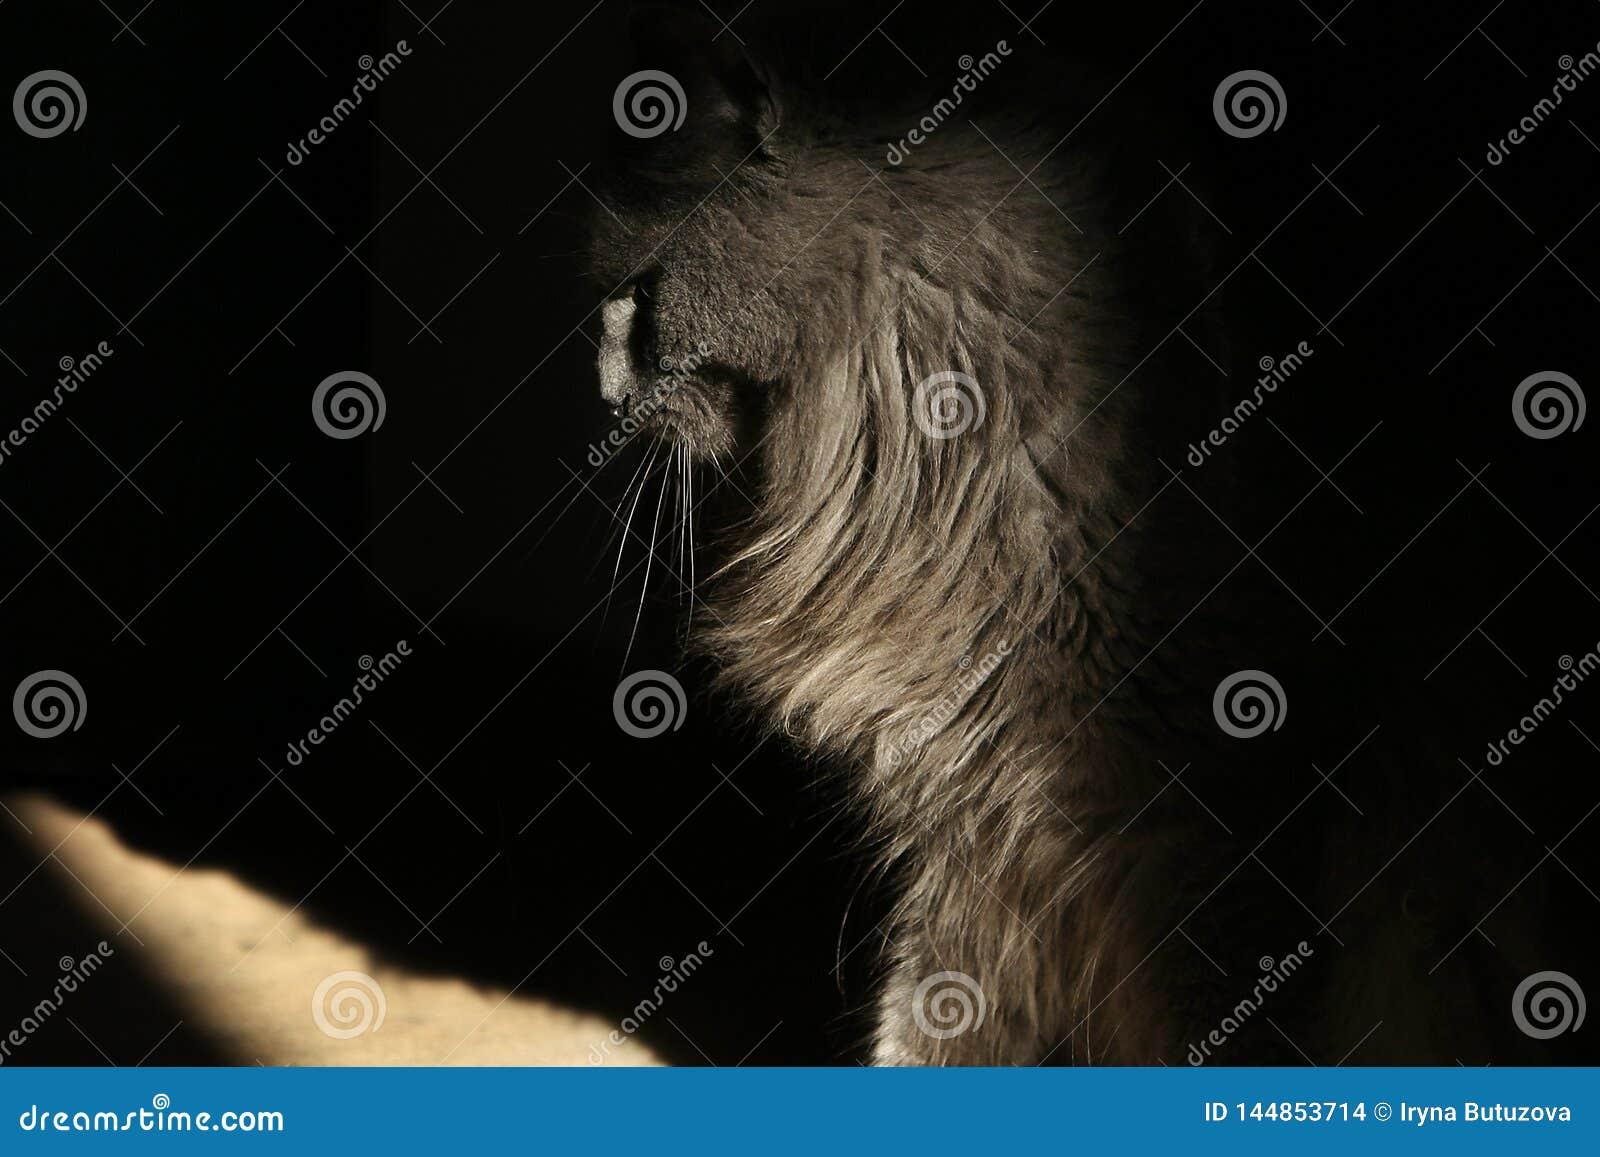 Пушистый серый кот сидит в профиле в тени